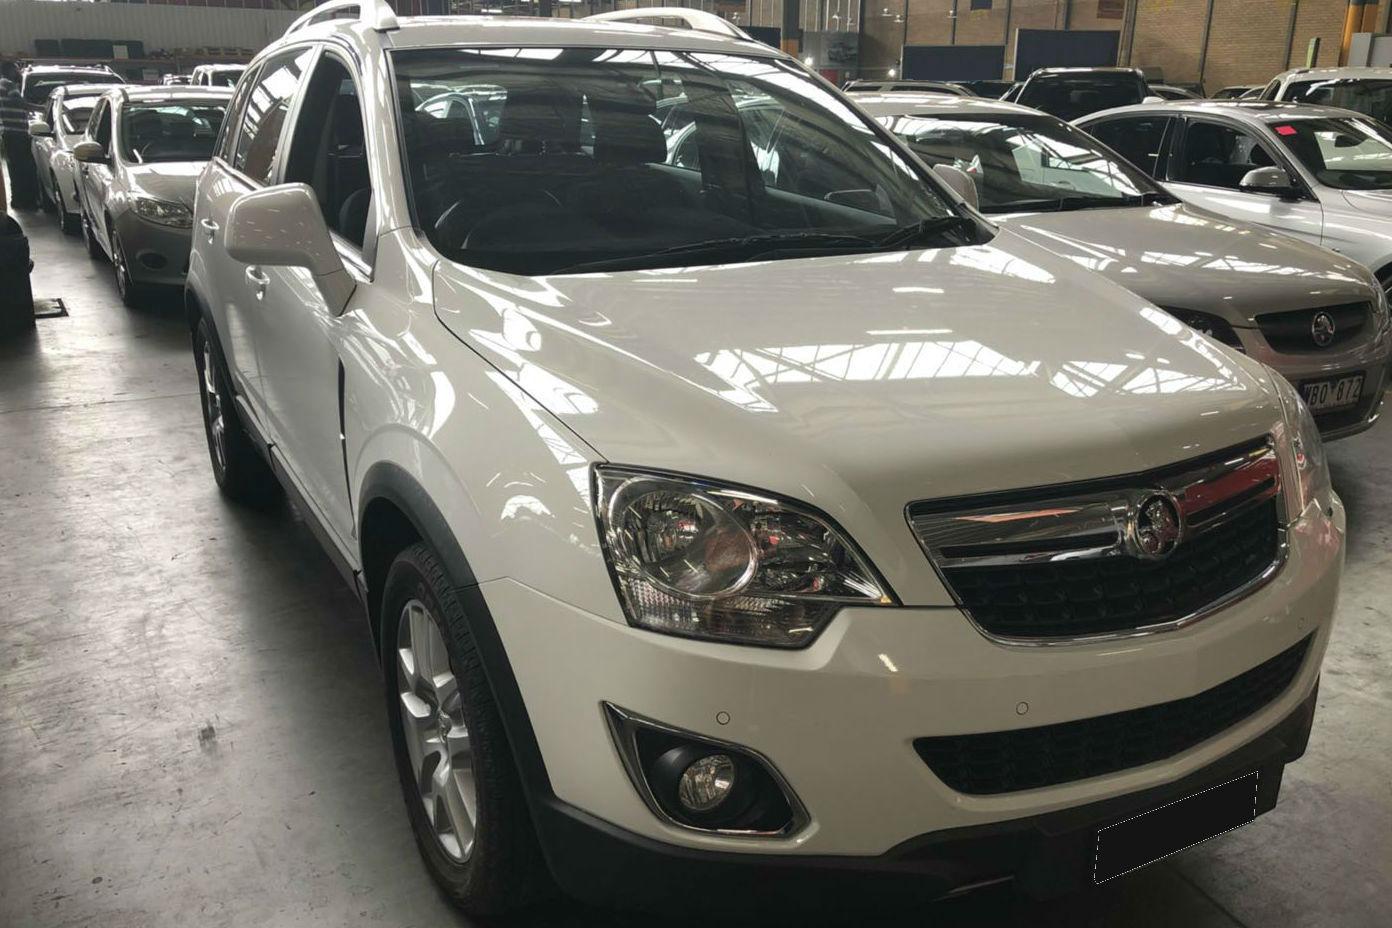 Carbar-2013-Holden-Captiva-871120180615-183049.jpg